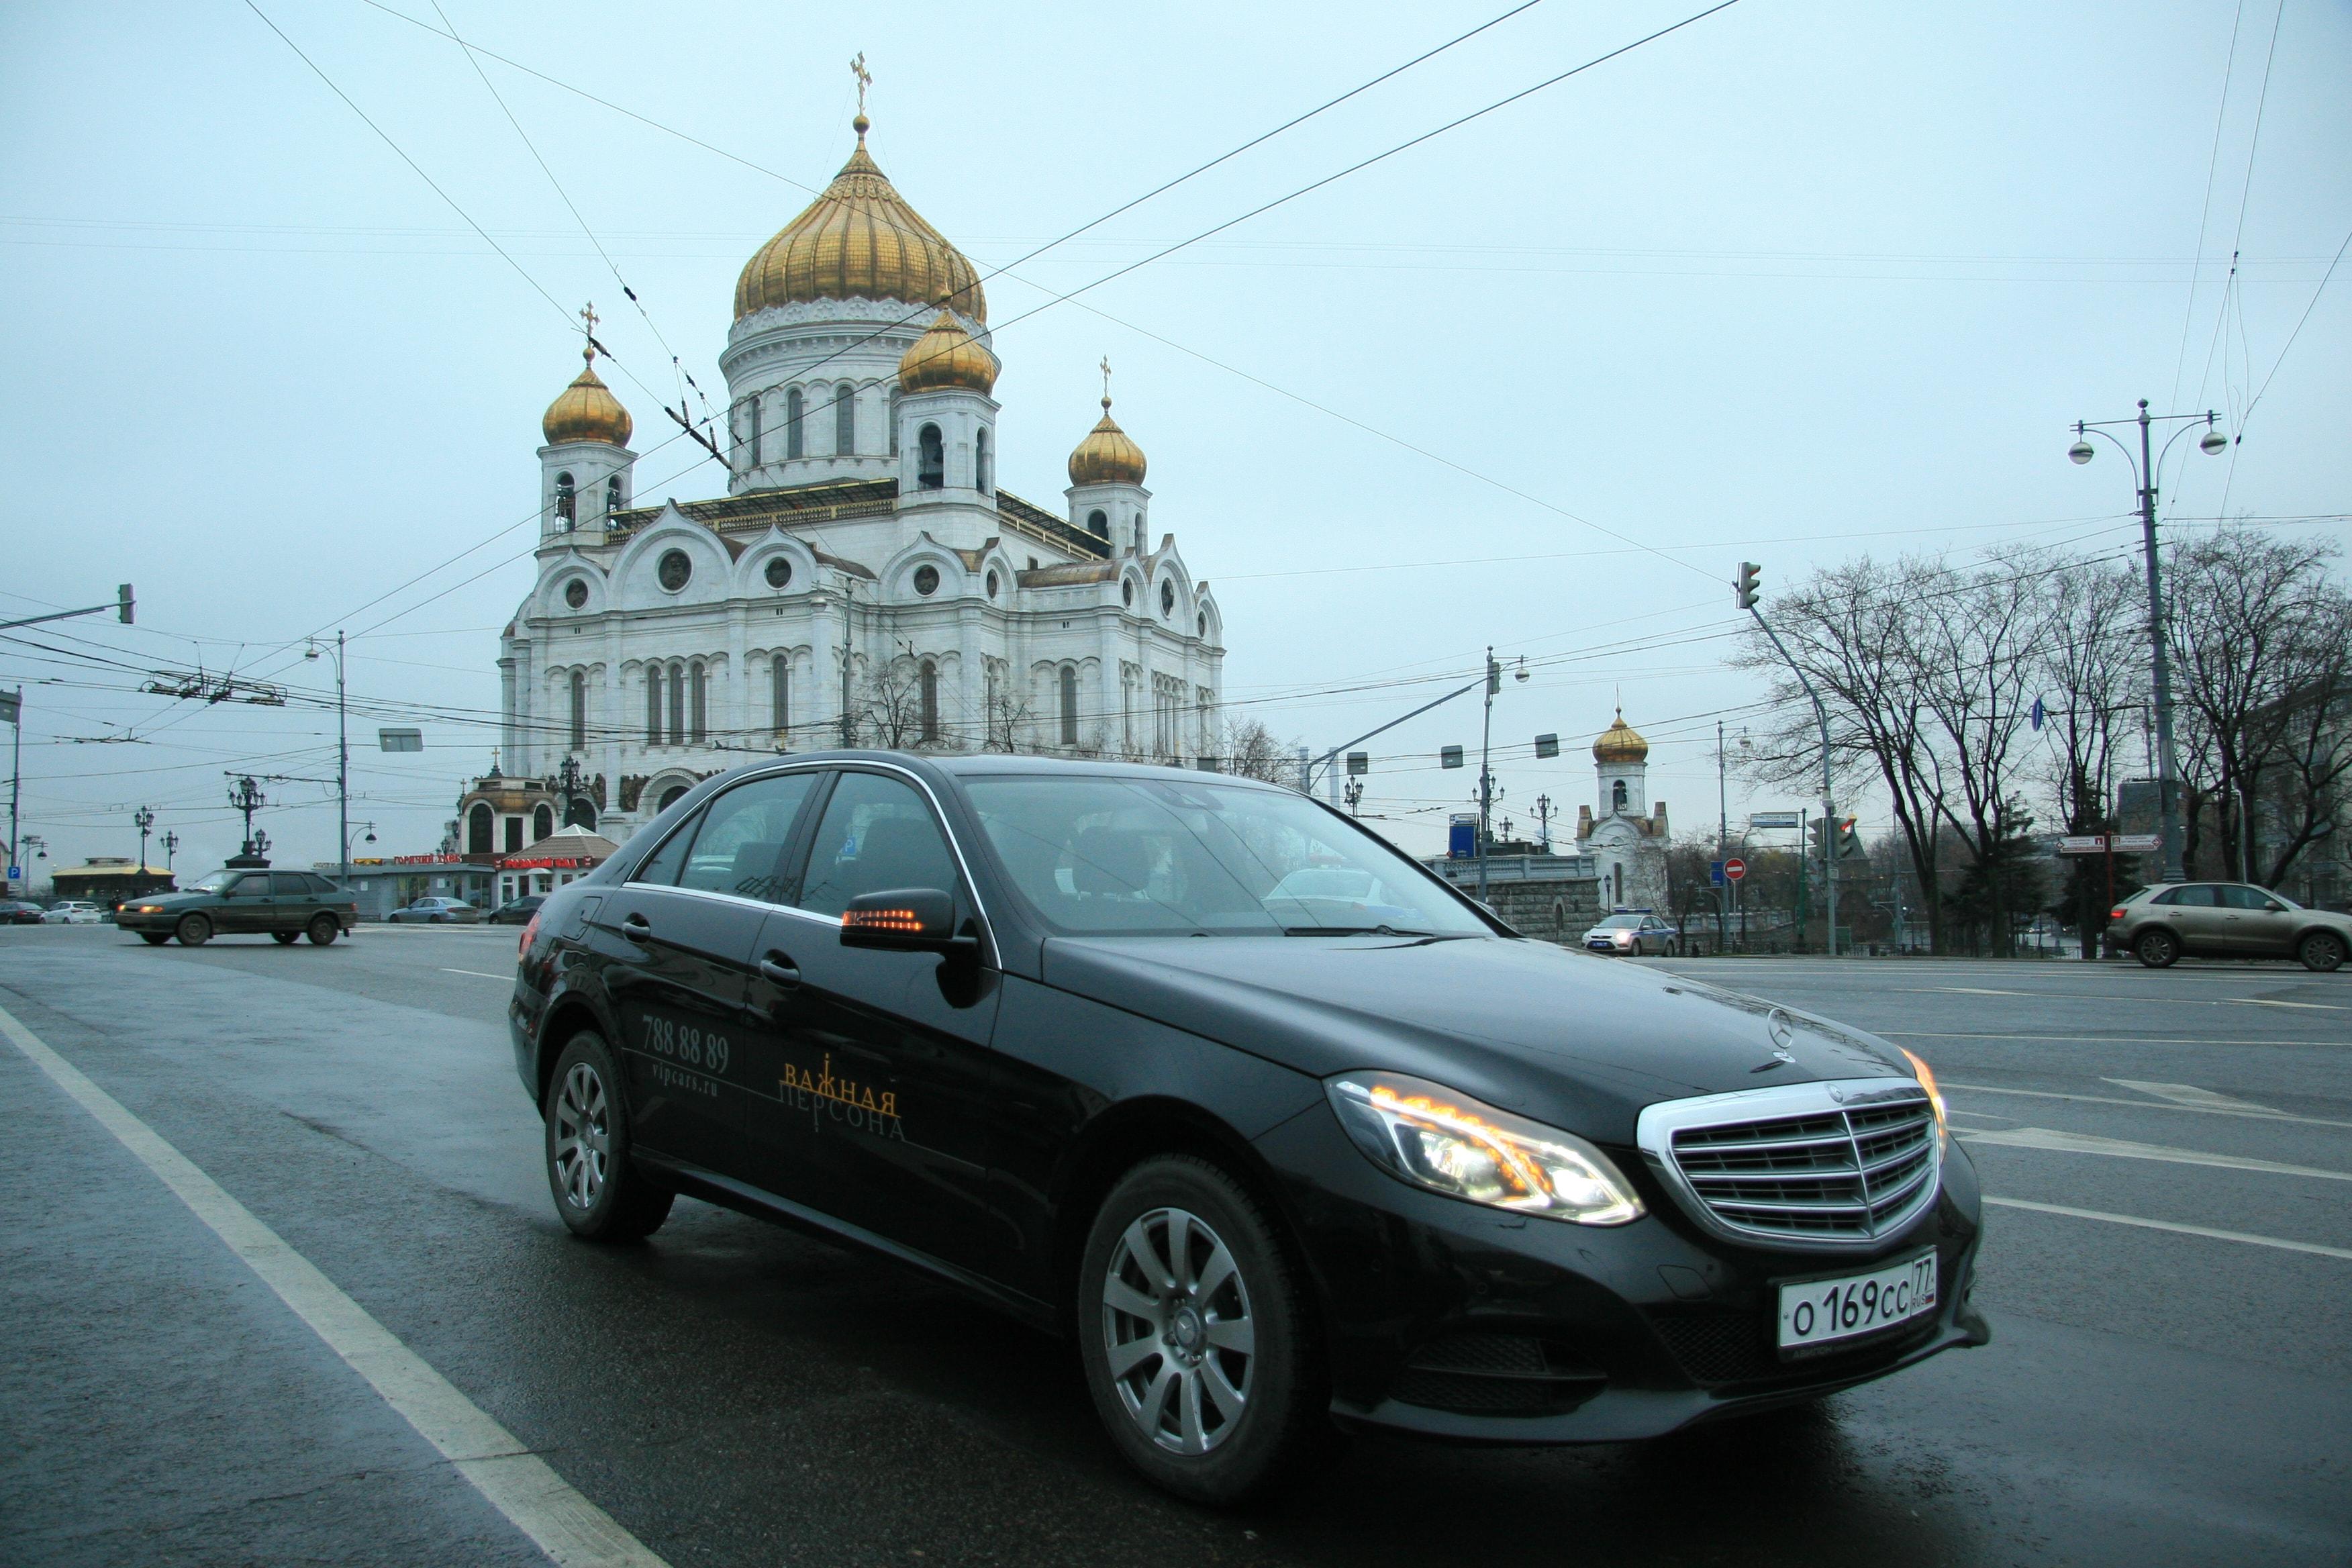 Аренда автомобилей без водителя в москве аренда автомобилей без водителя билеты на самолет как дешево купить